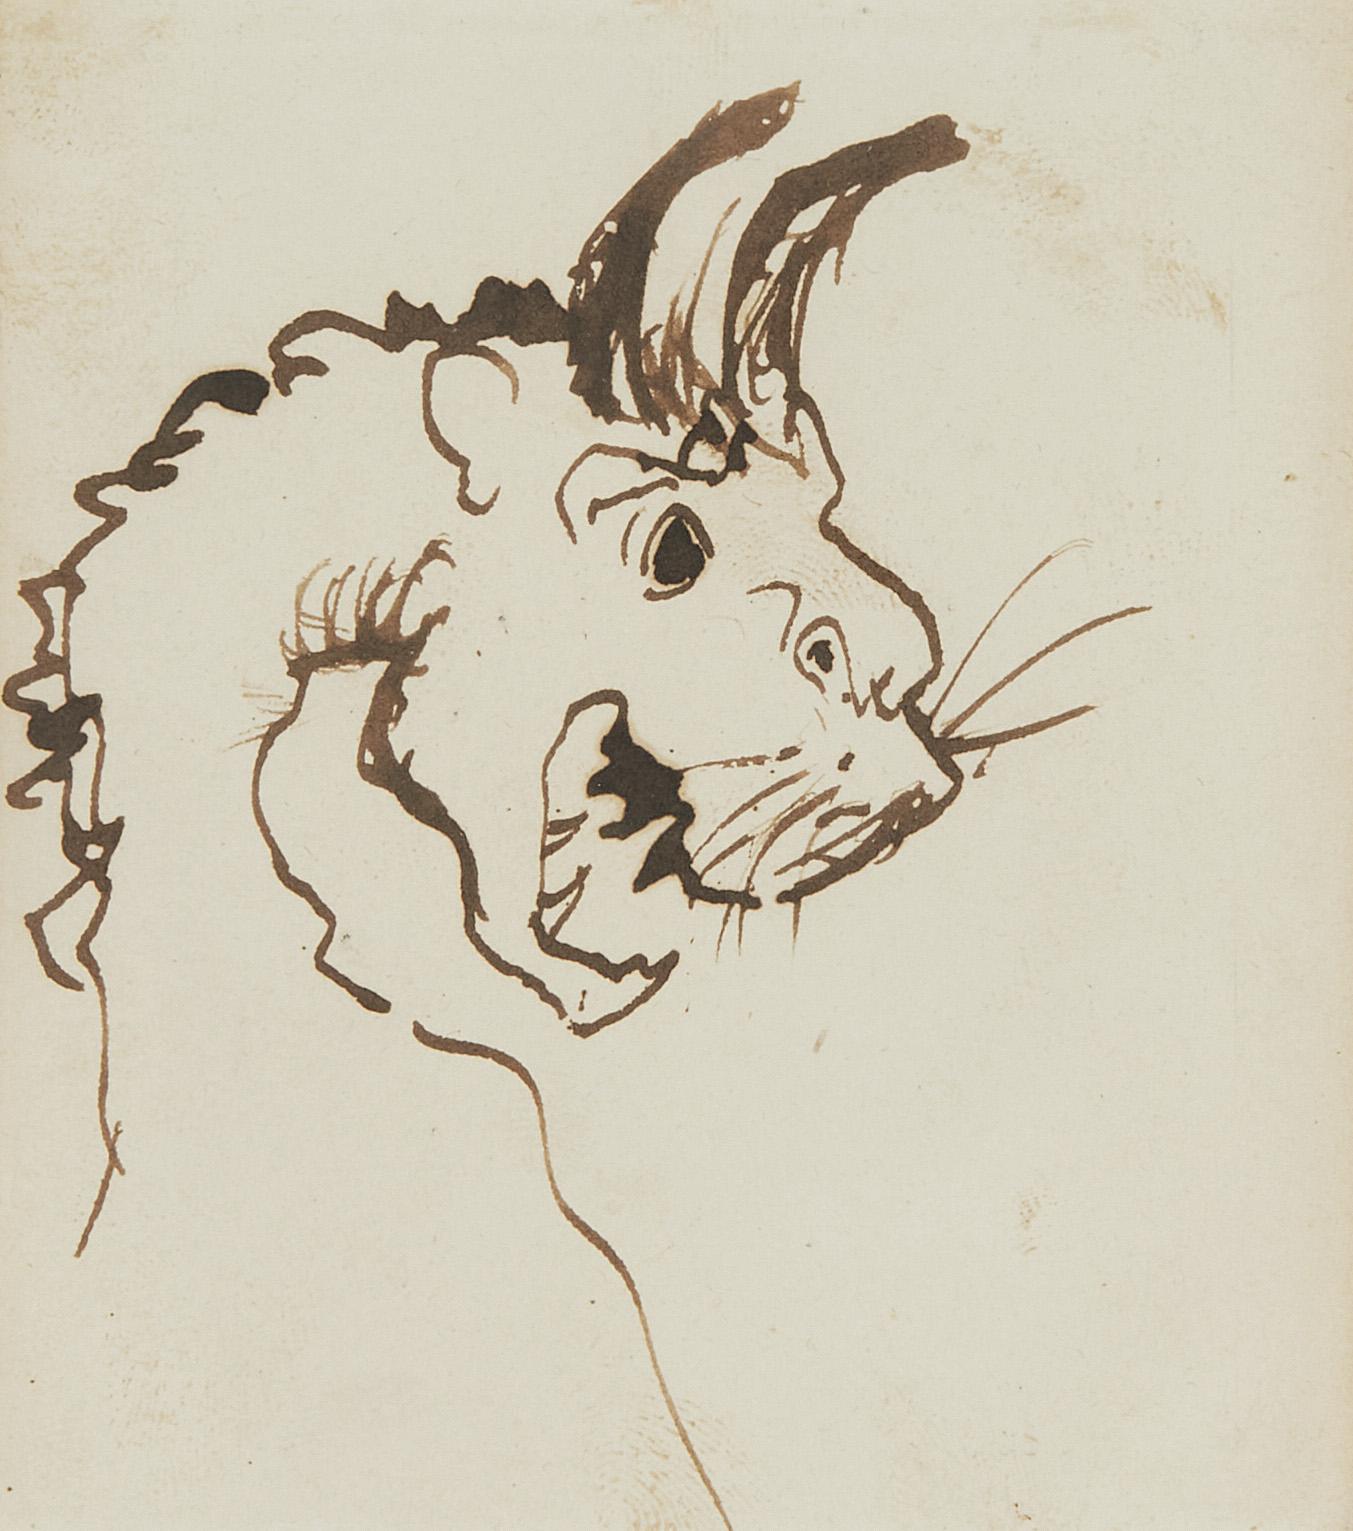 Victor Hugo (1802-1885), Tête de gargouille, plume et encre brune sur papier, 8,5 x 7,5 cm.Estimate: €1/1.5 M